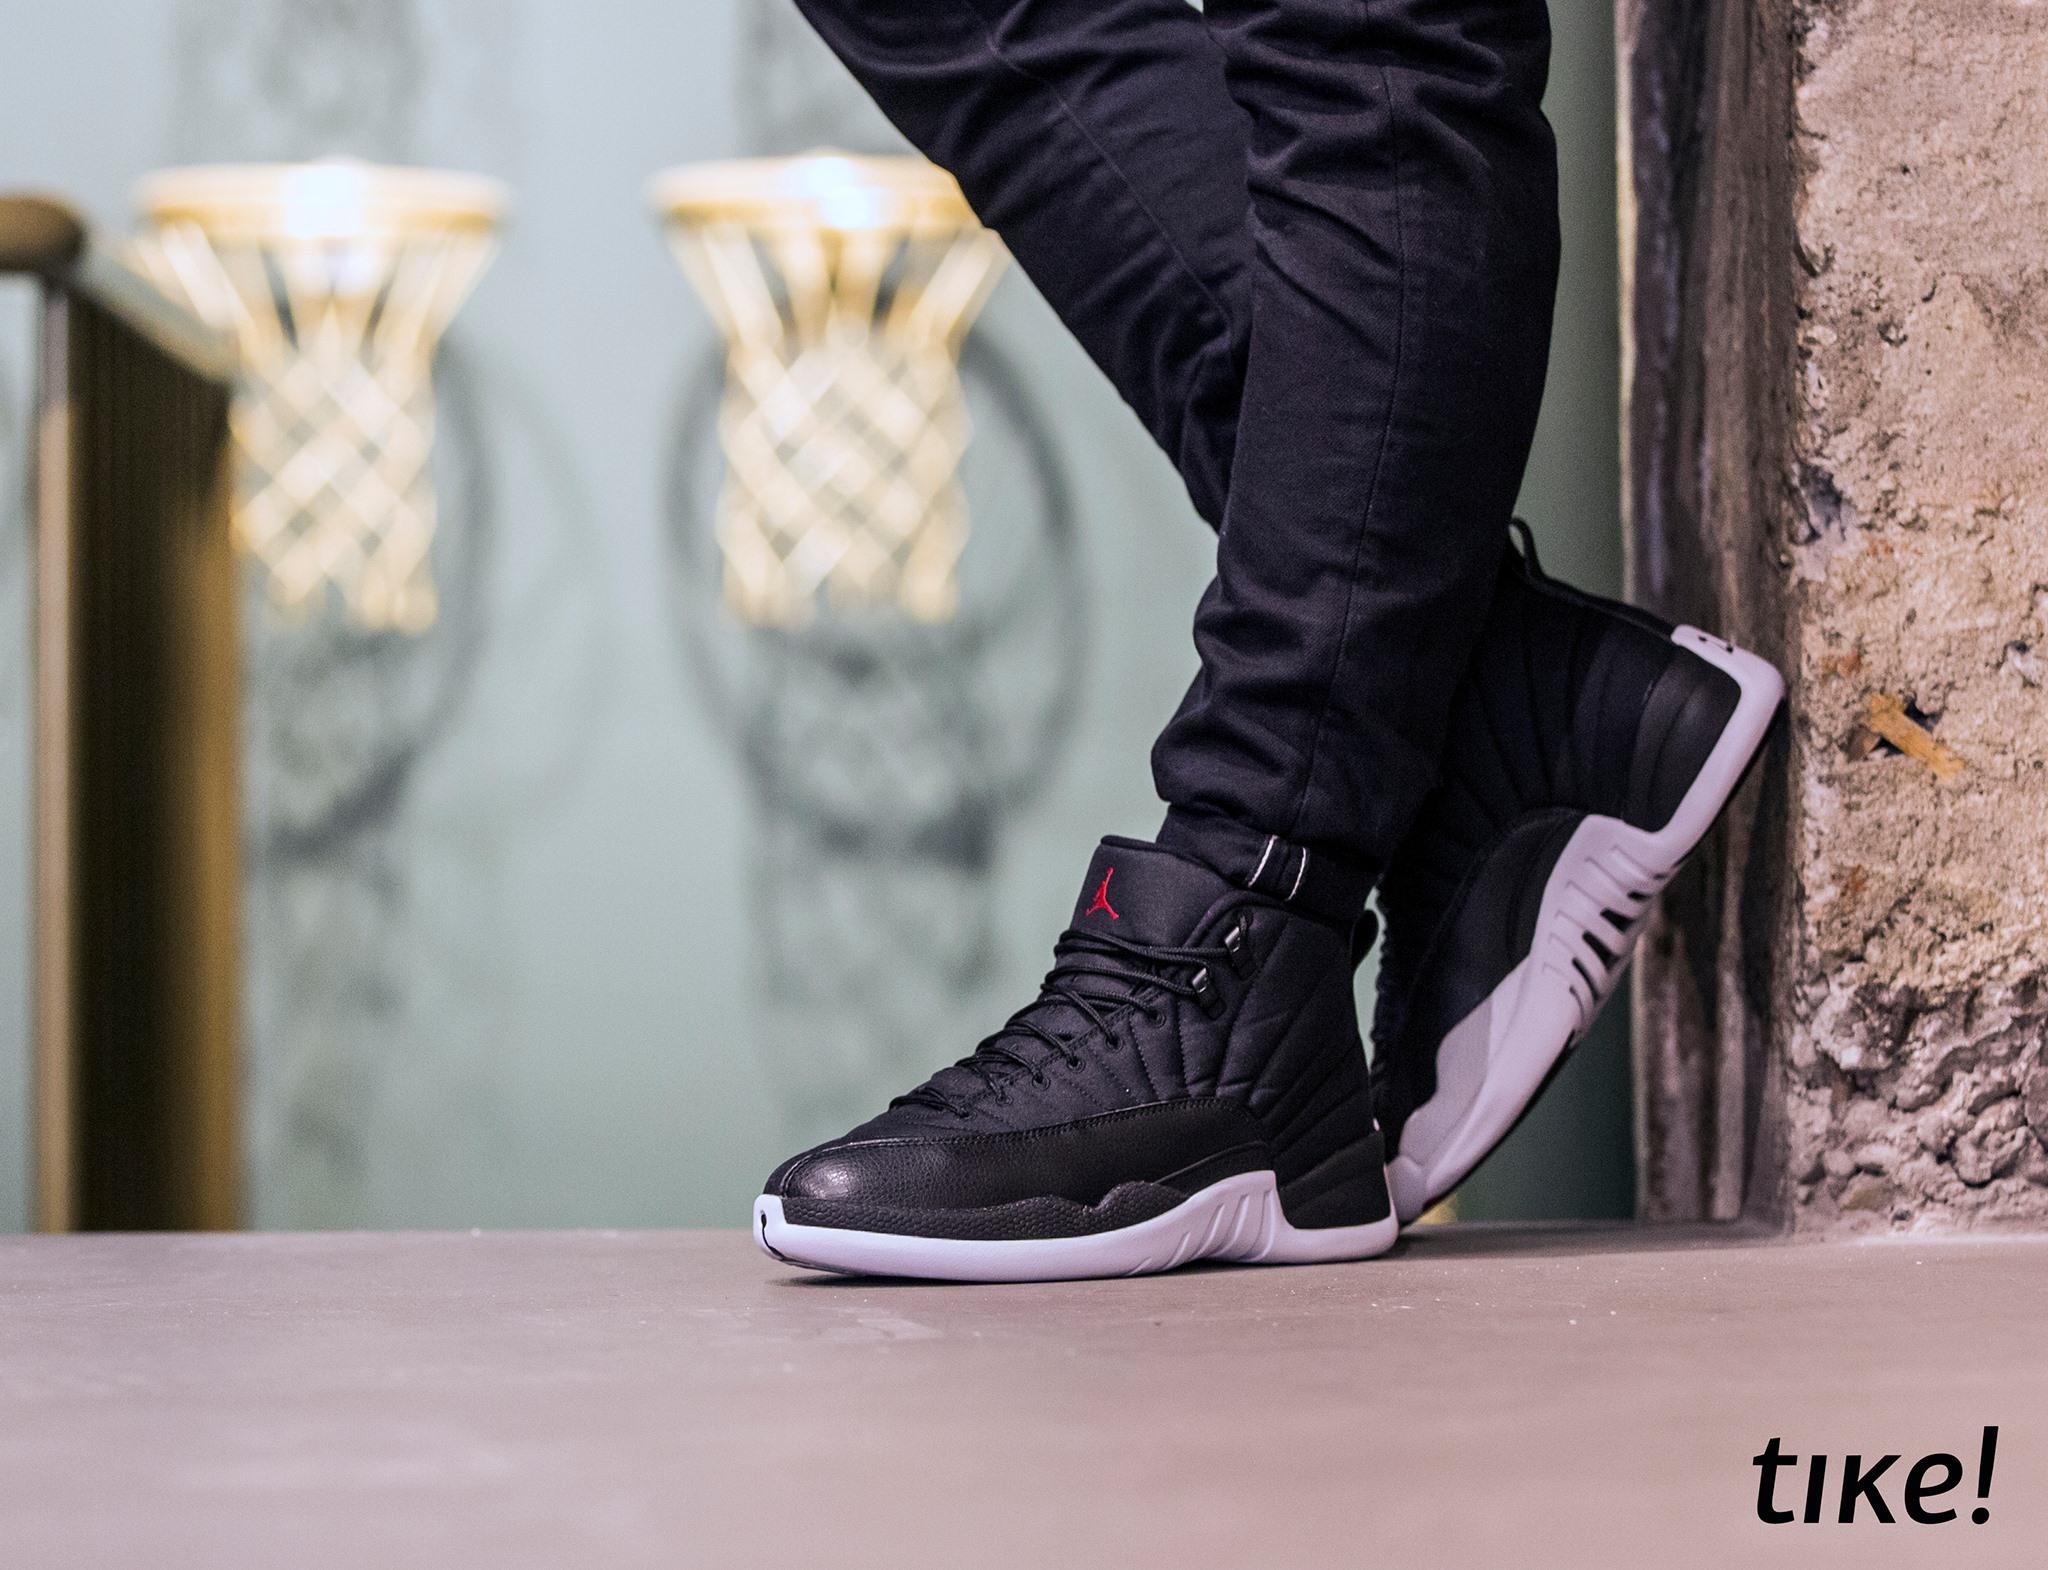 Nike Air Jordan XII Retro